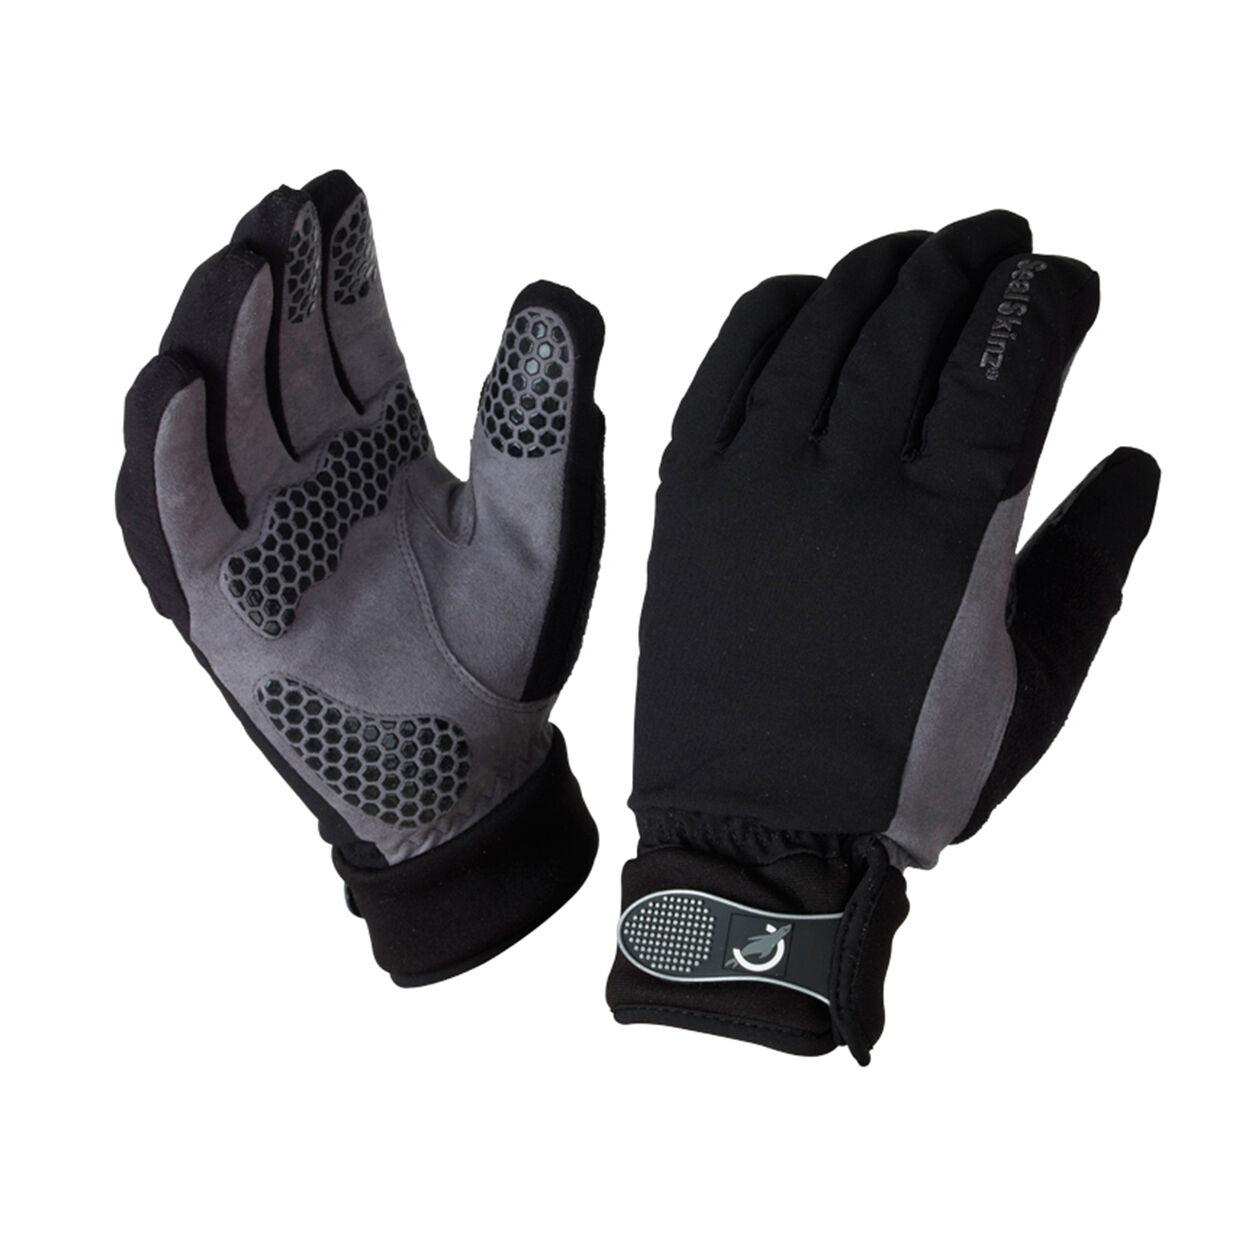 SEALSKINZ Unisex Sealskinz All Weather Cycle Glove NEU